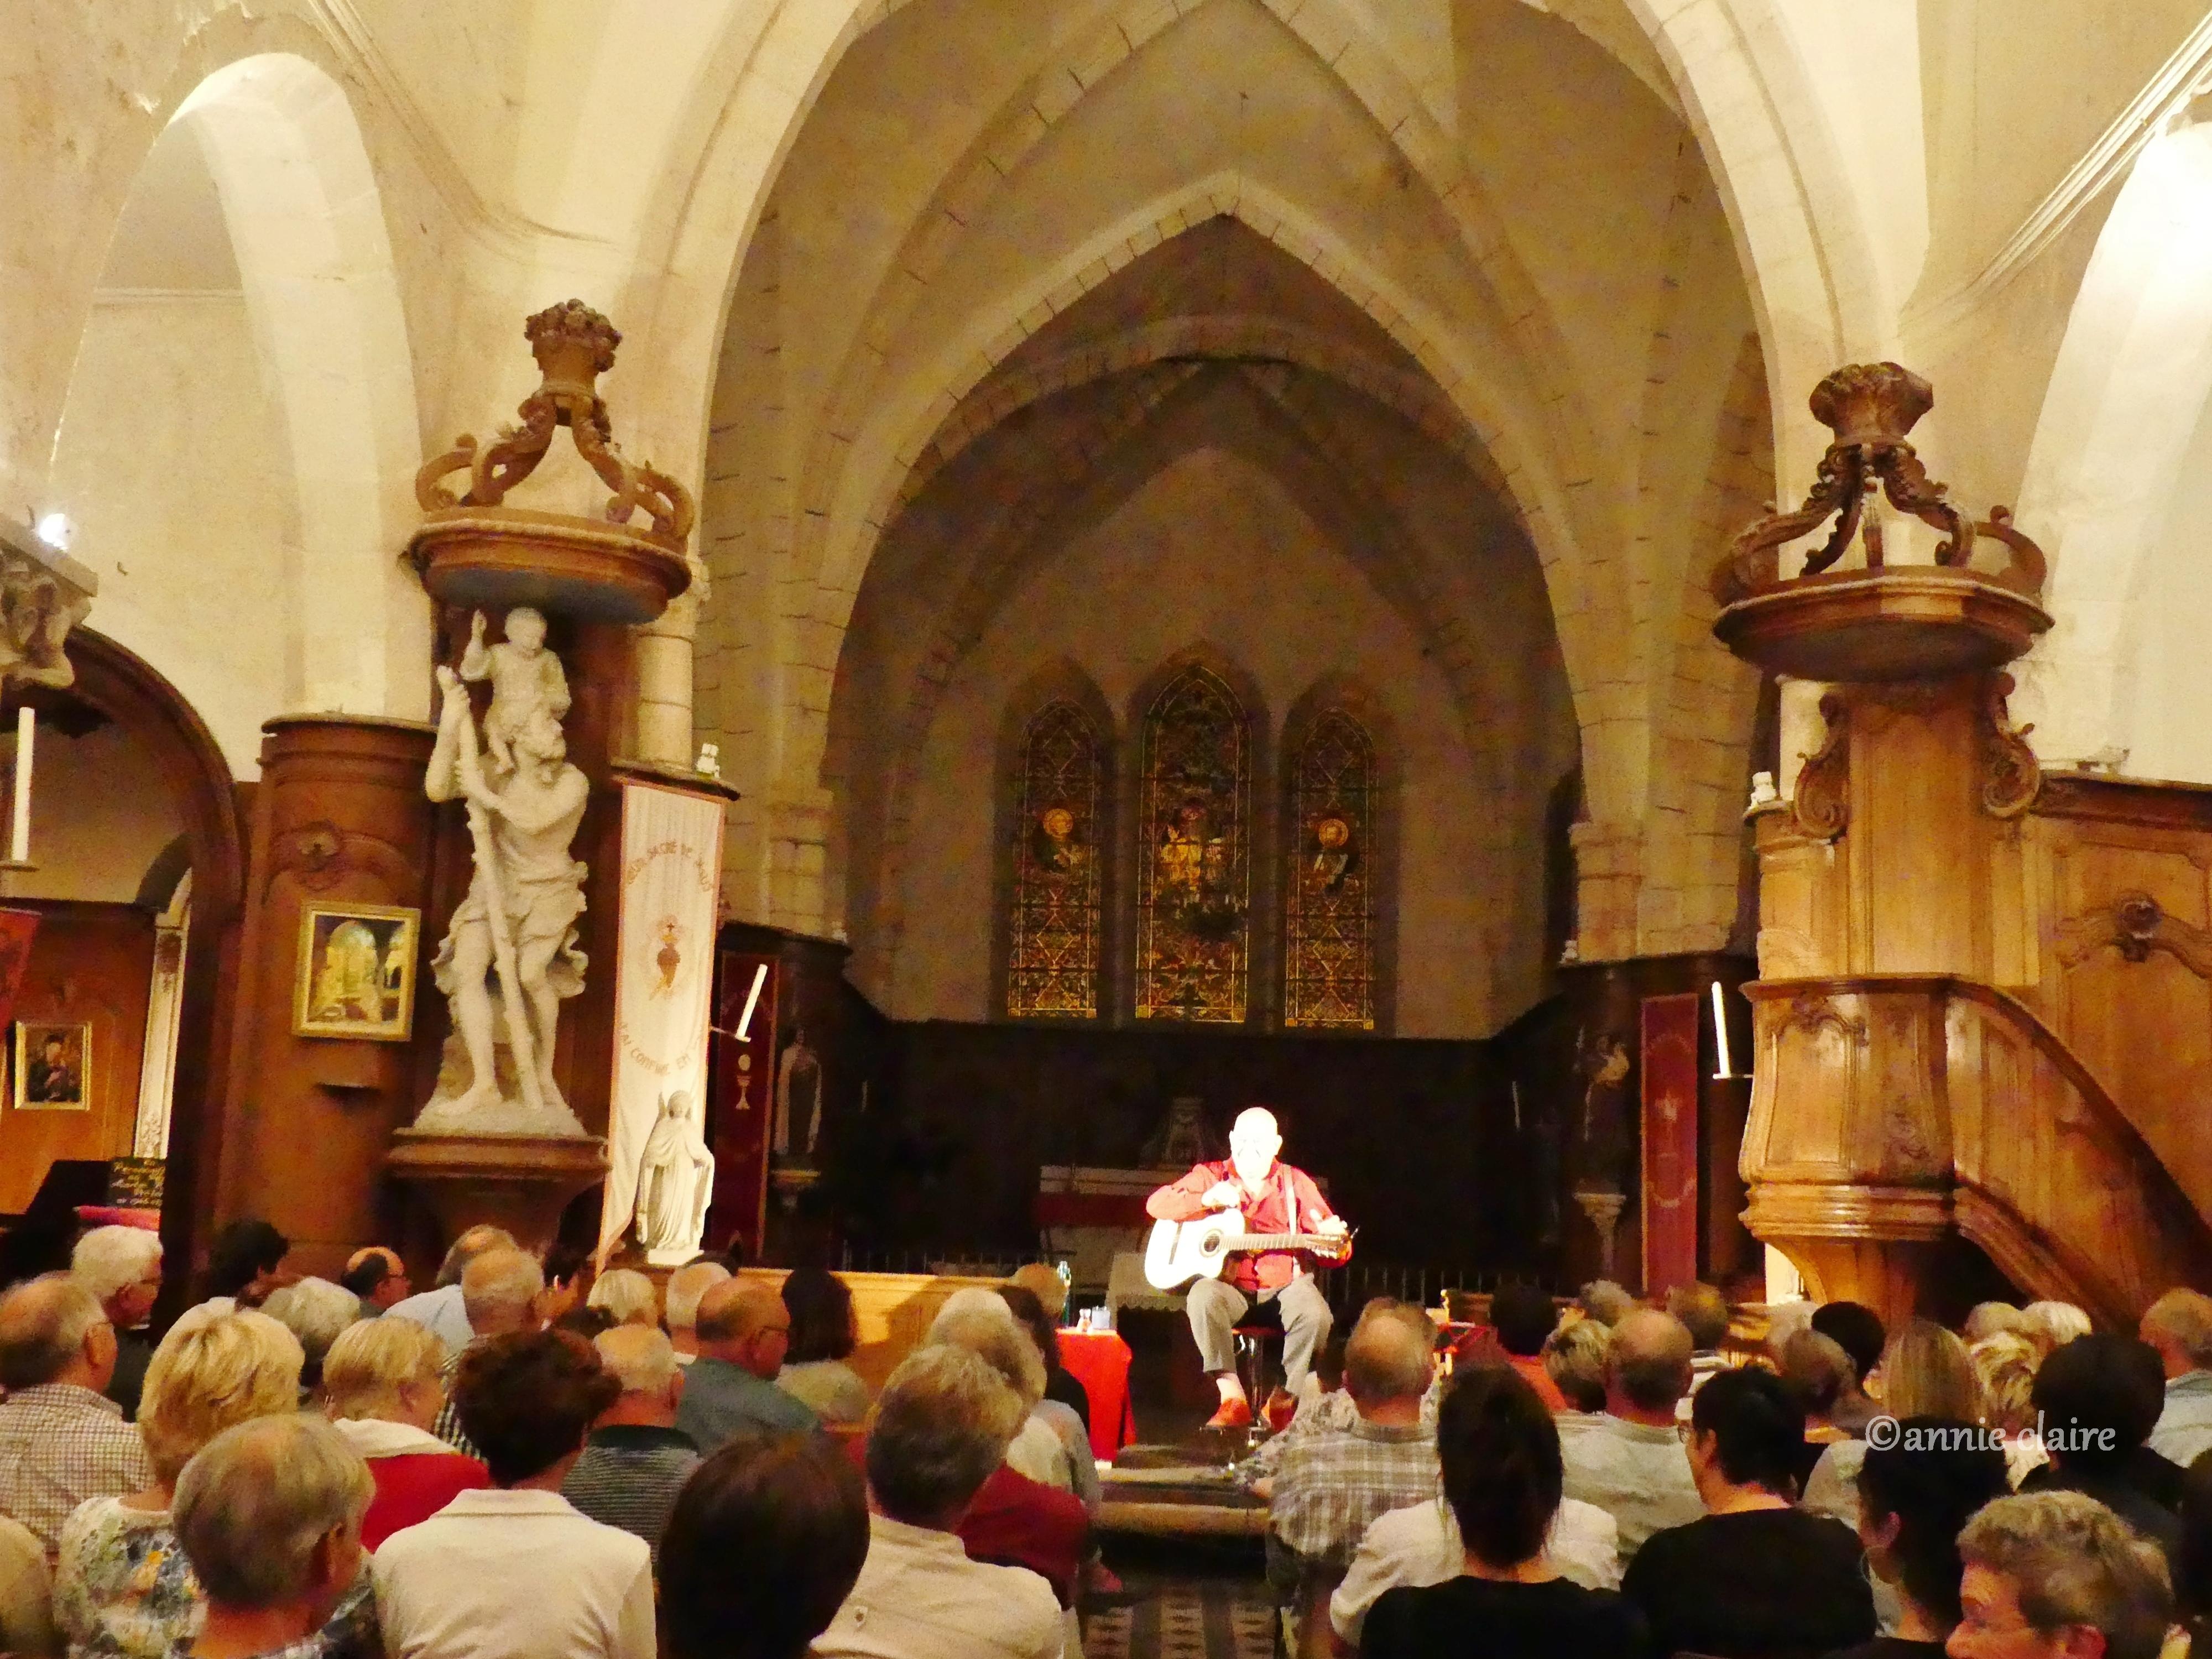 Gérard Morel dans l'église de Vauchamps ©annie claire